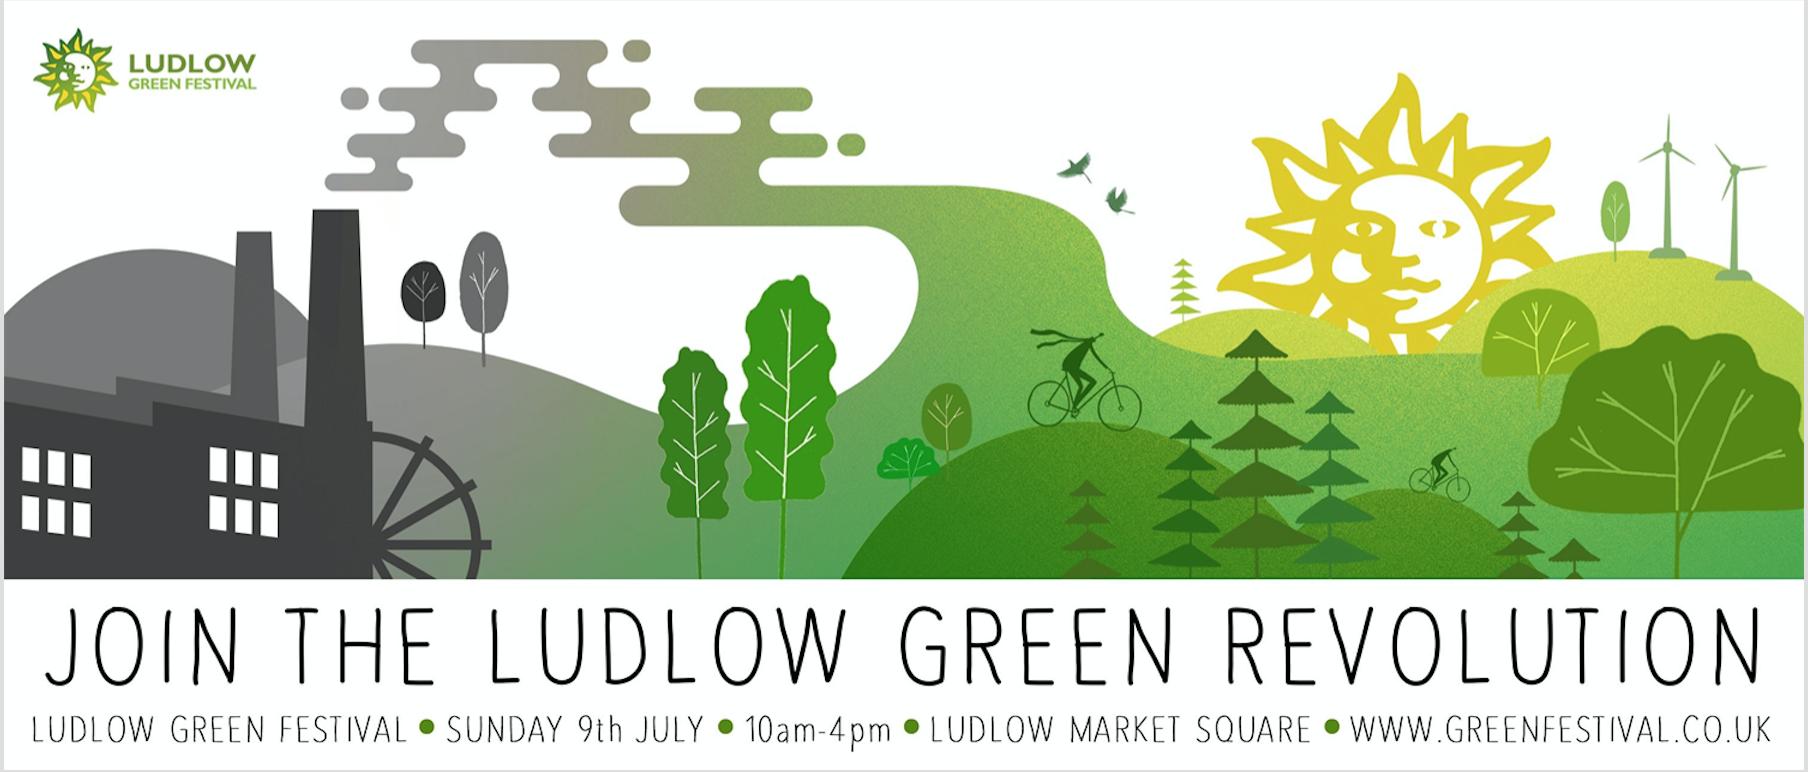 Ludlow Green Festival